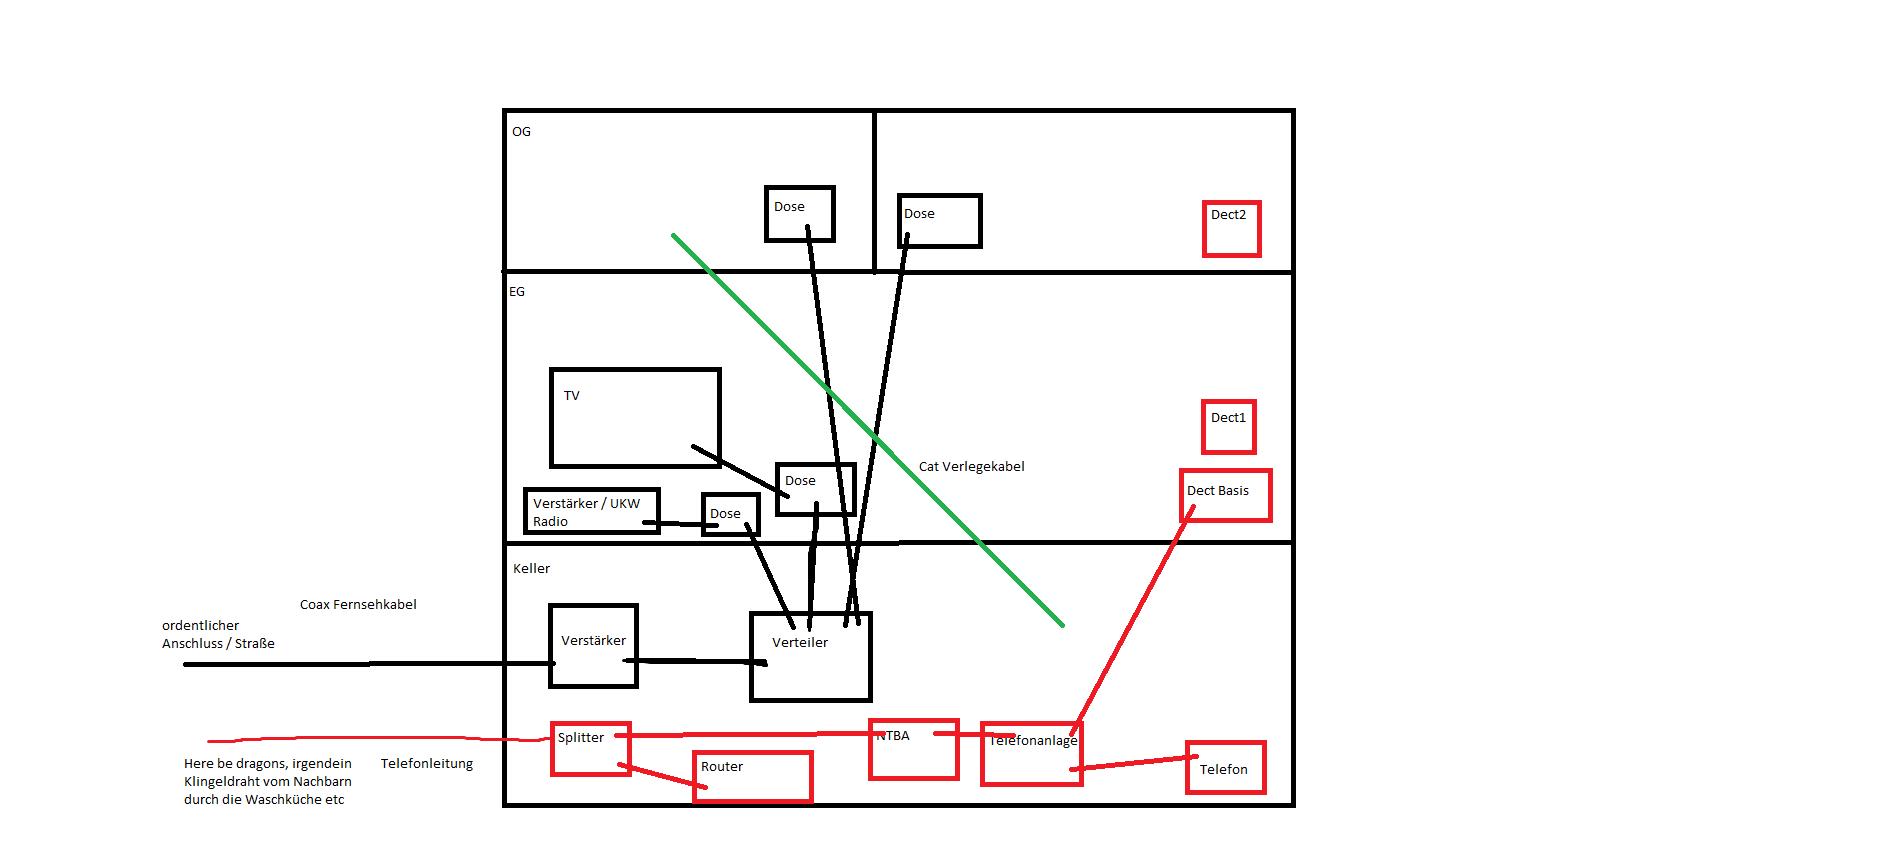 Ausgezeichnet Schaltplan Für Hausverkabelung Ideen - Elektrische ...